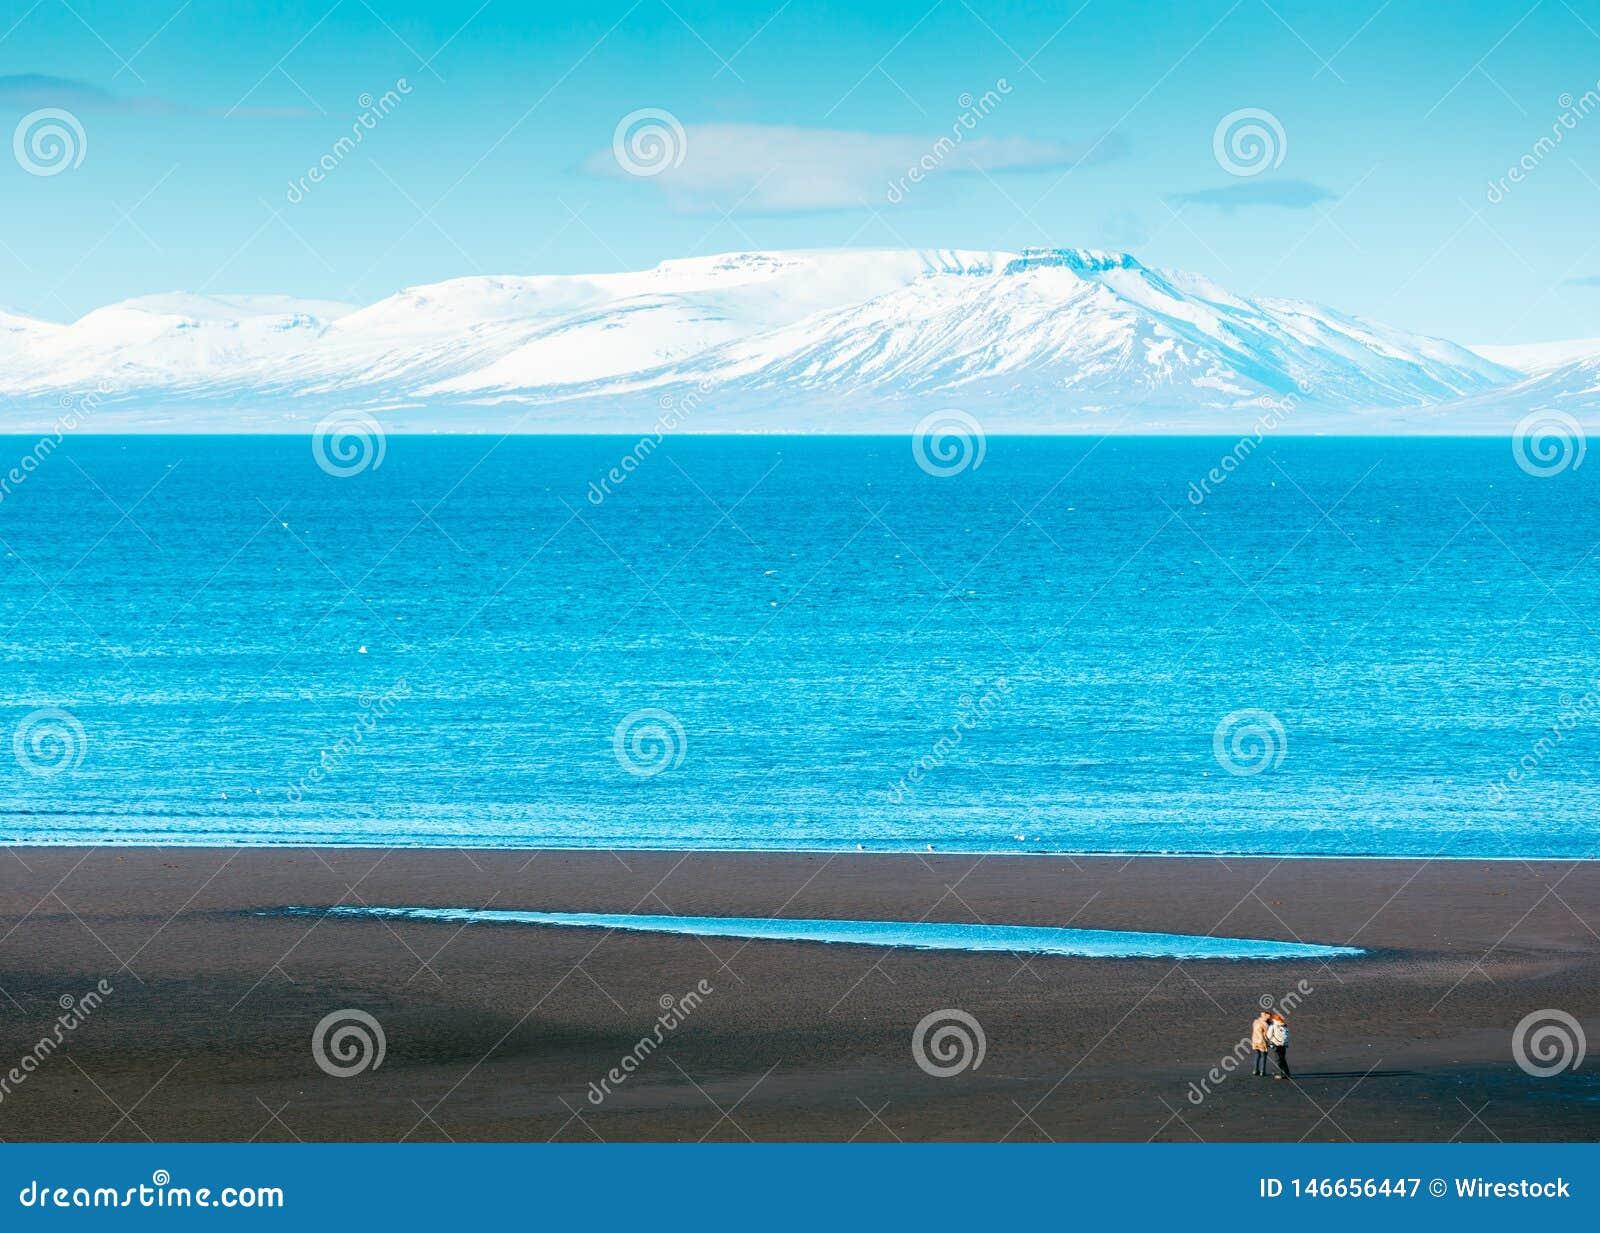 Schöner breiter Schuss des Meeres mit überraschendem weißem Berg im Hintergrund